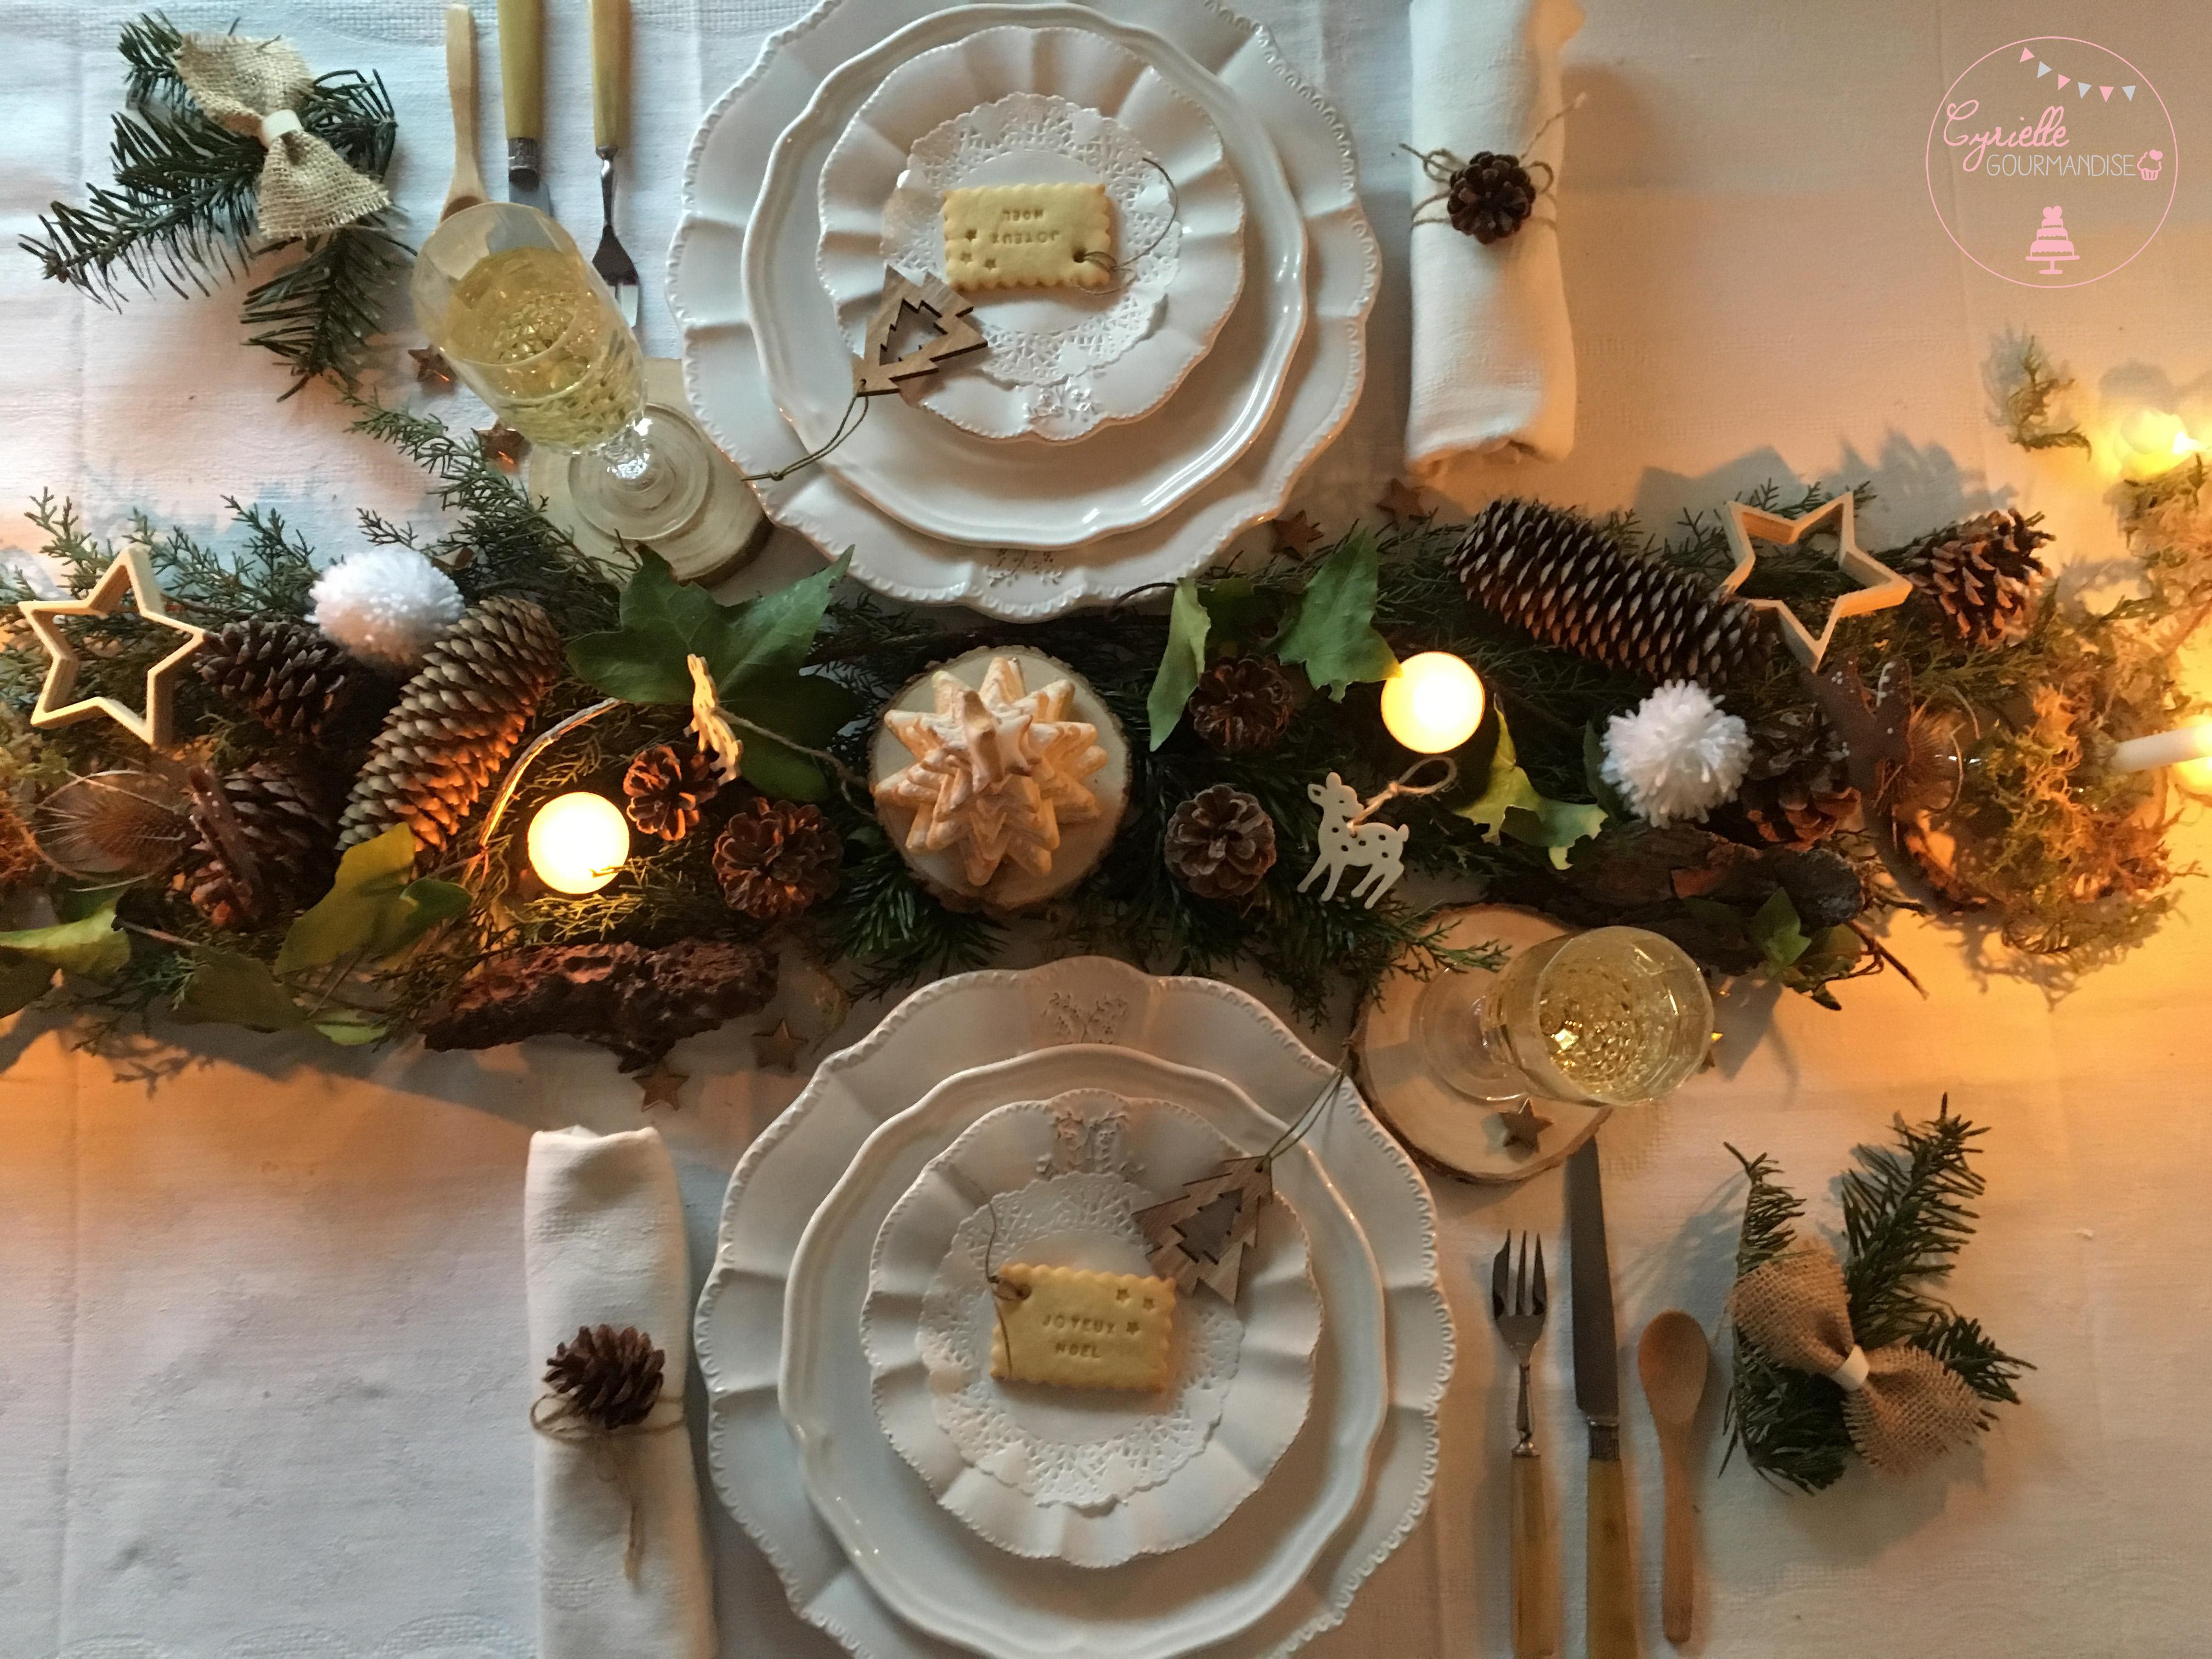 ma table de noel forêt enchantée – cyrielle gourmandise